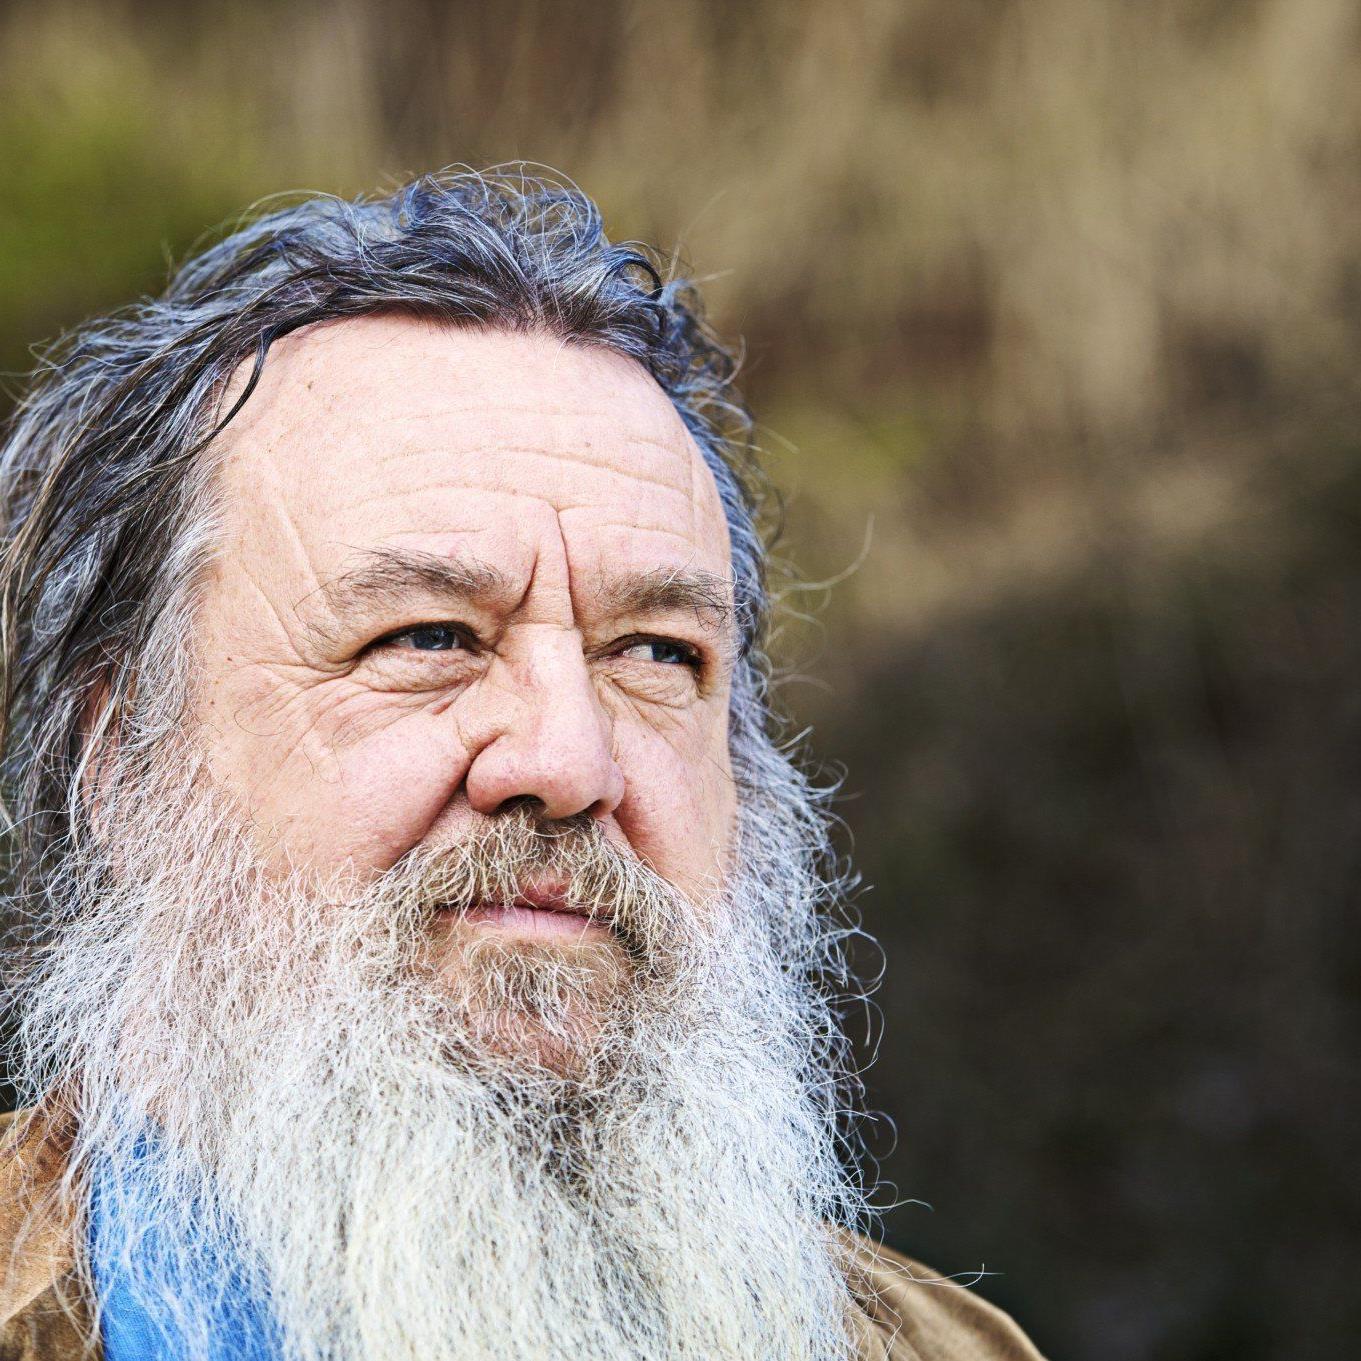 Der Ethnobotaniker Wolf-Dieter Storl gibt Tipps für Selbstversorger